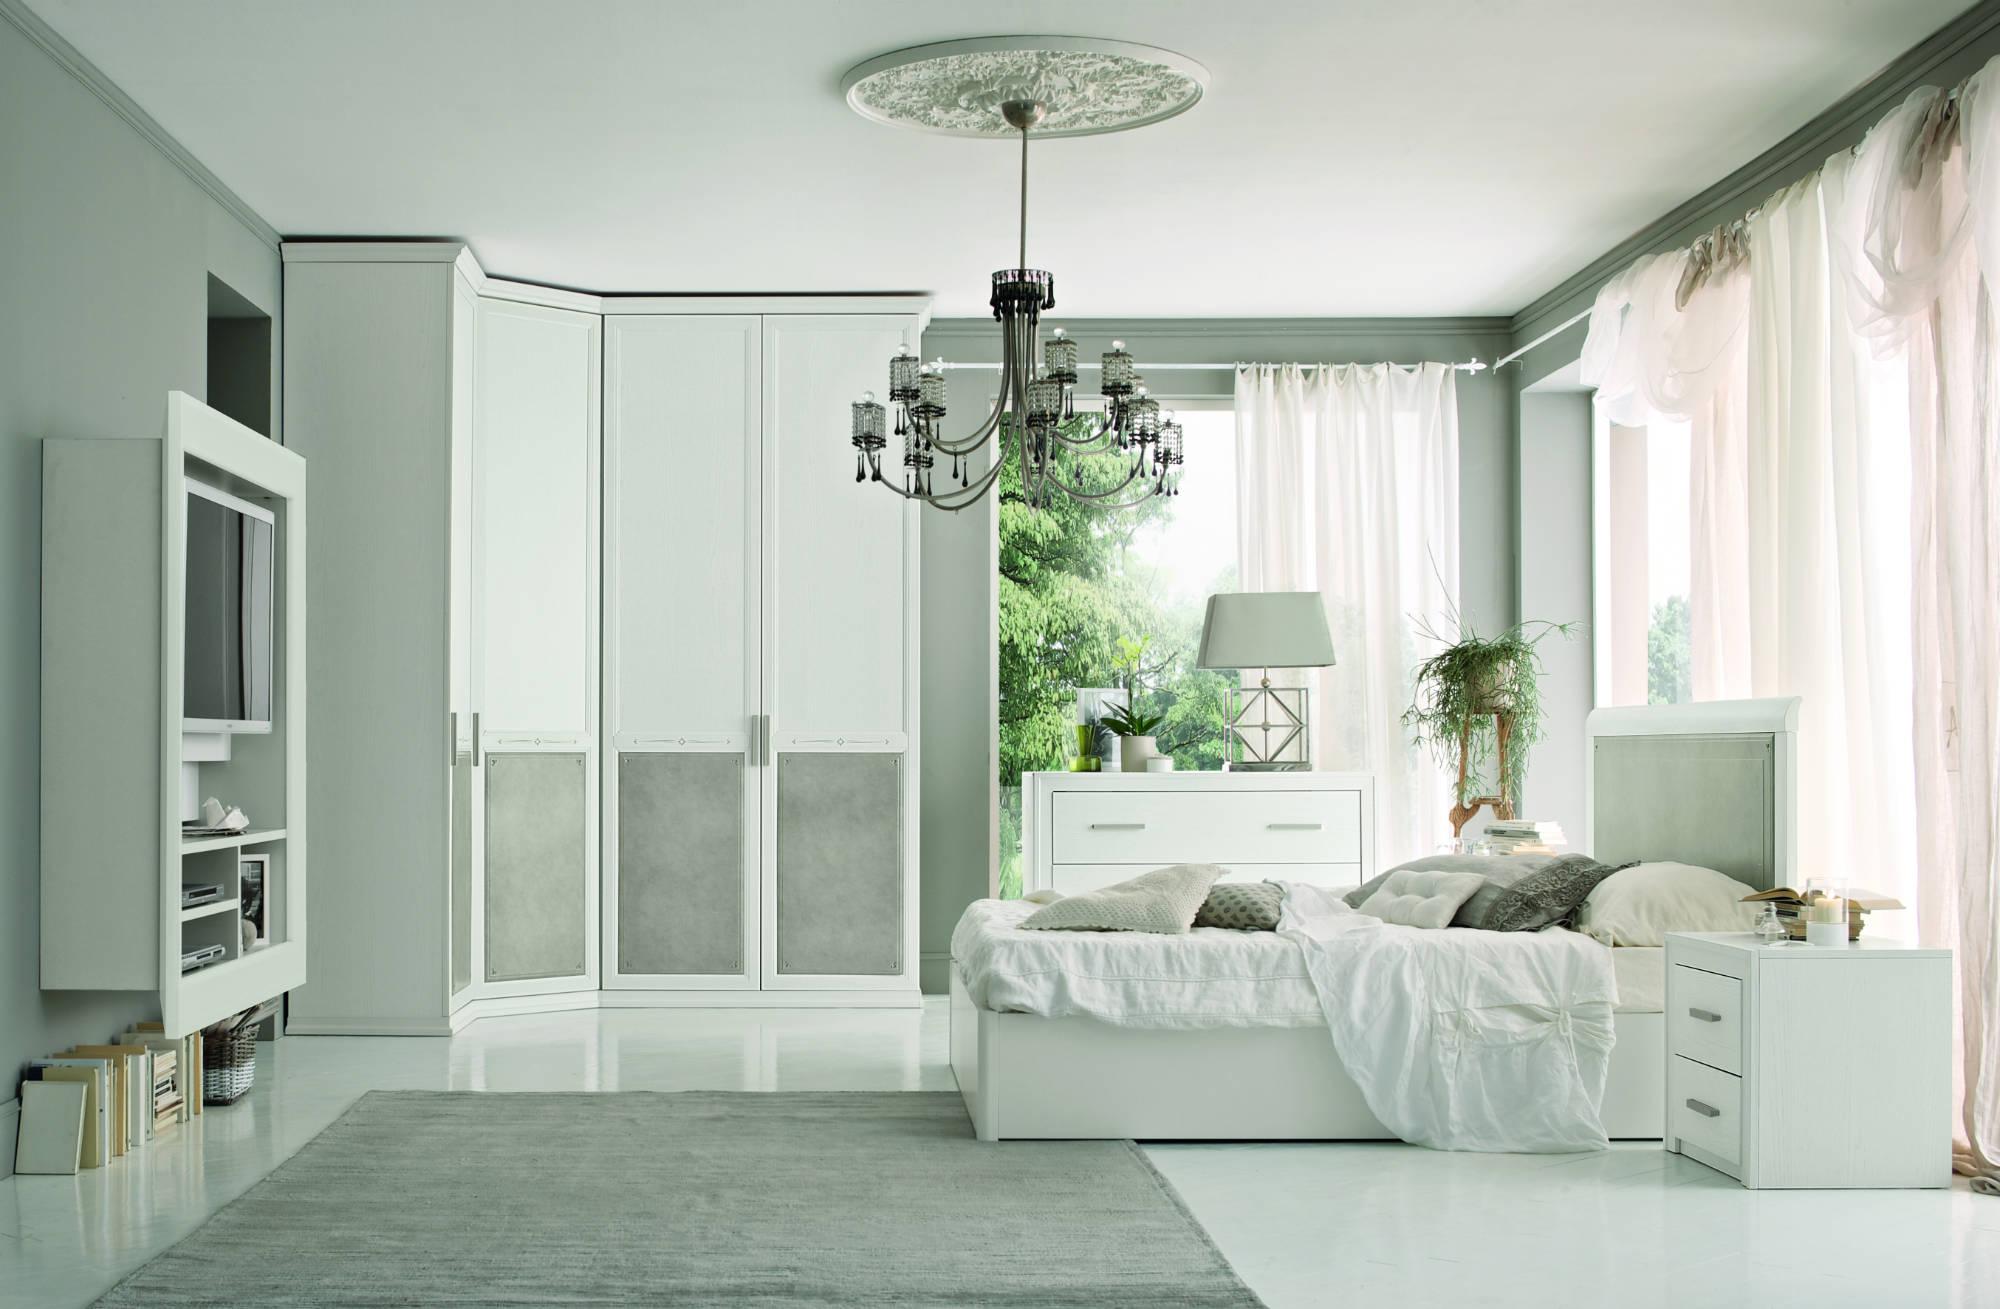 Camere da letto quarrata arredamenti michelozzi for Camera matrimoniale arredamento